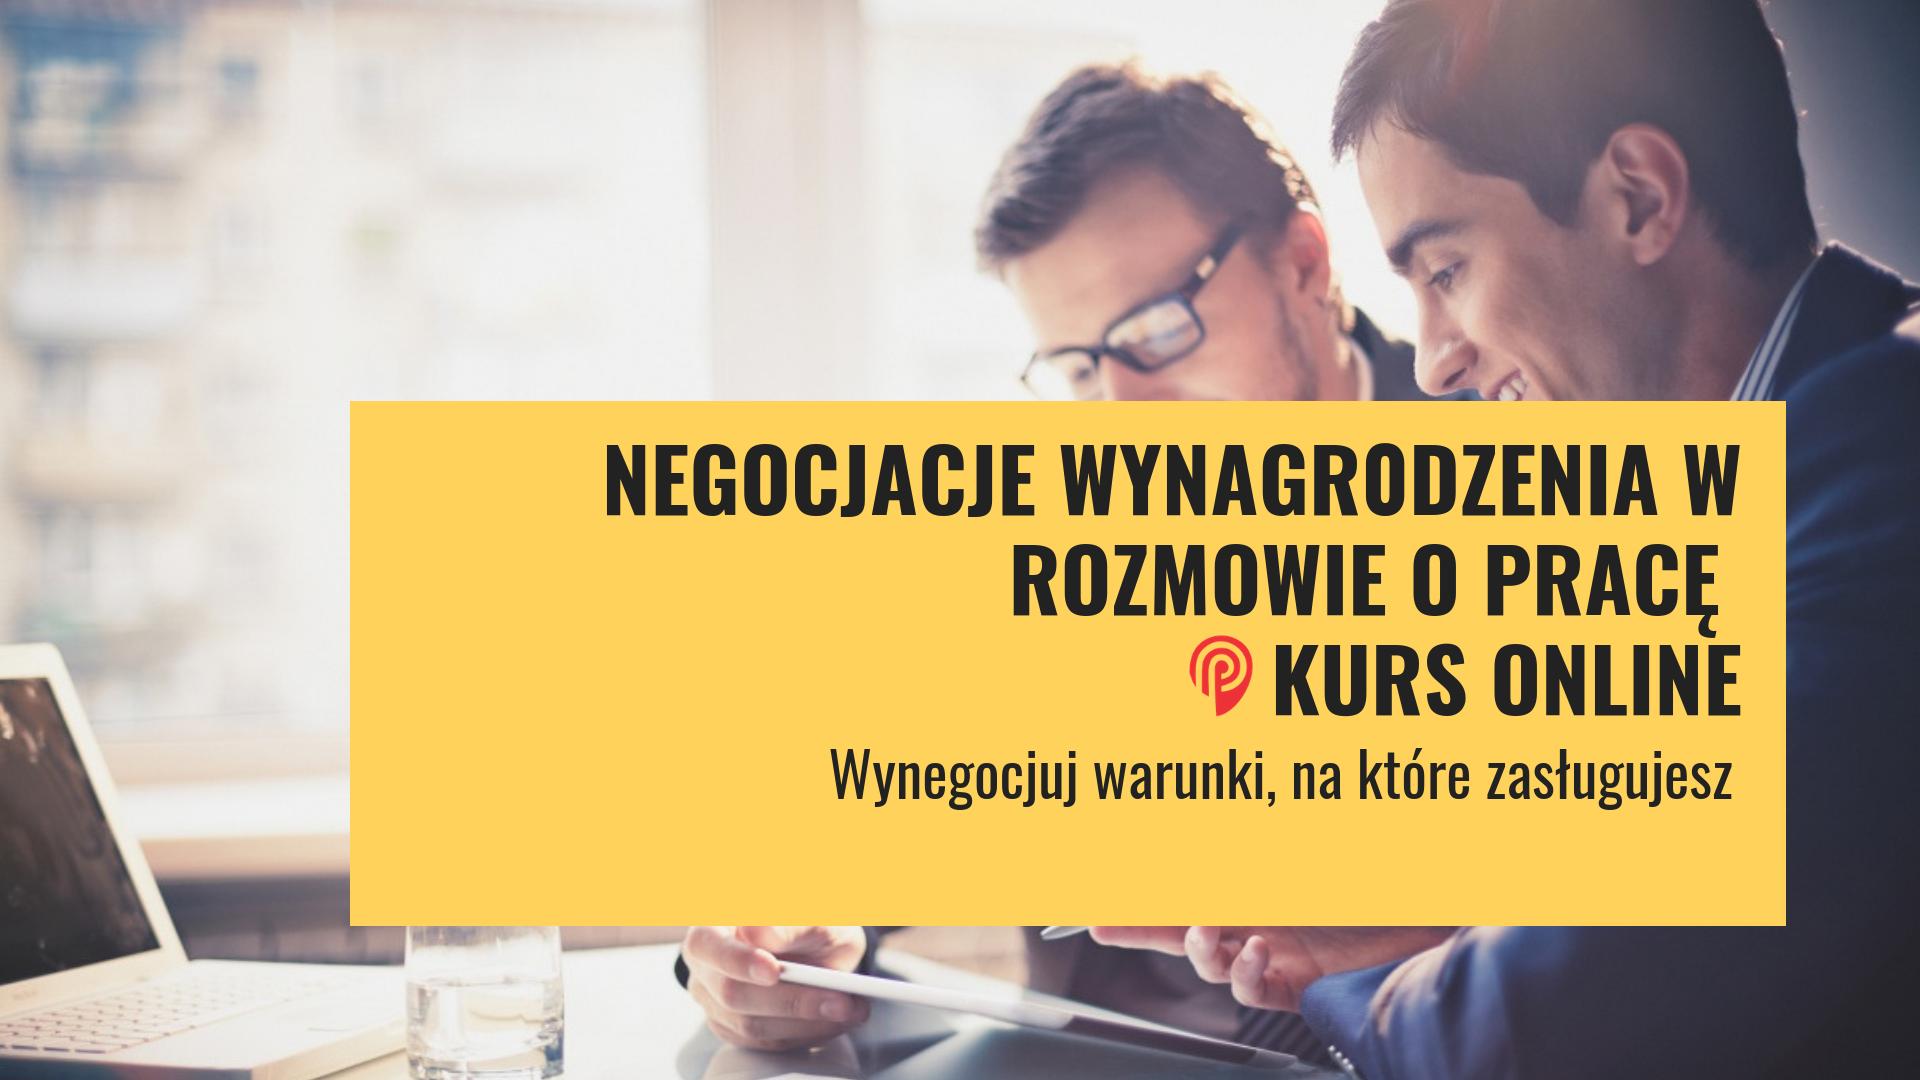 negocjacje wynagordzenia w rozmowie o prace kurs online.png